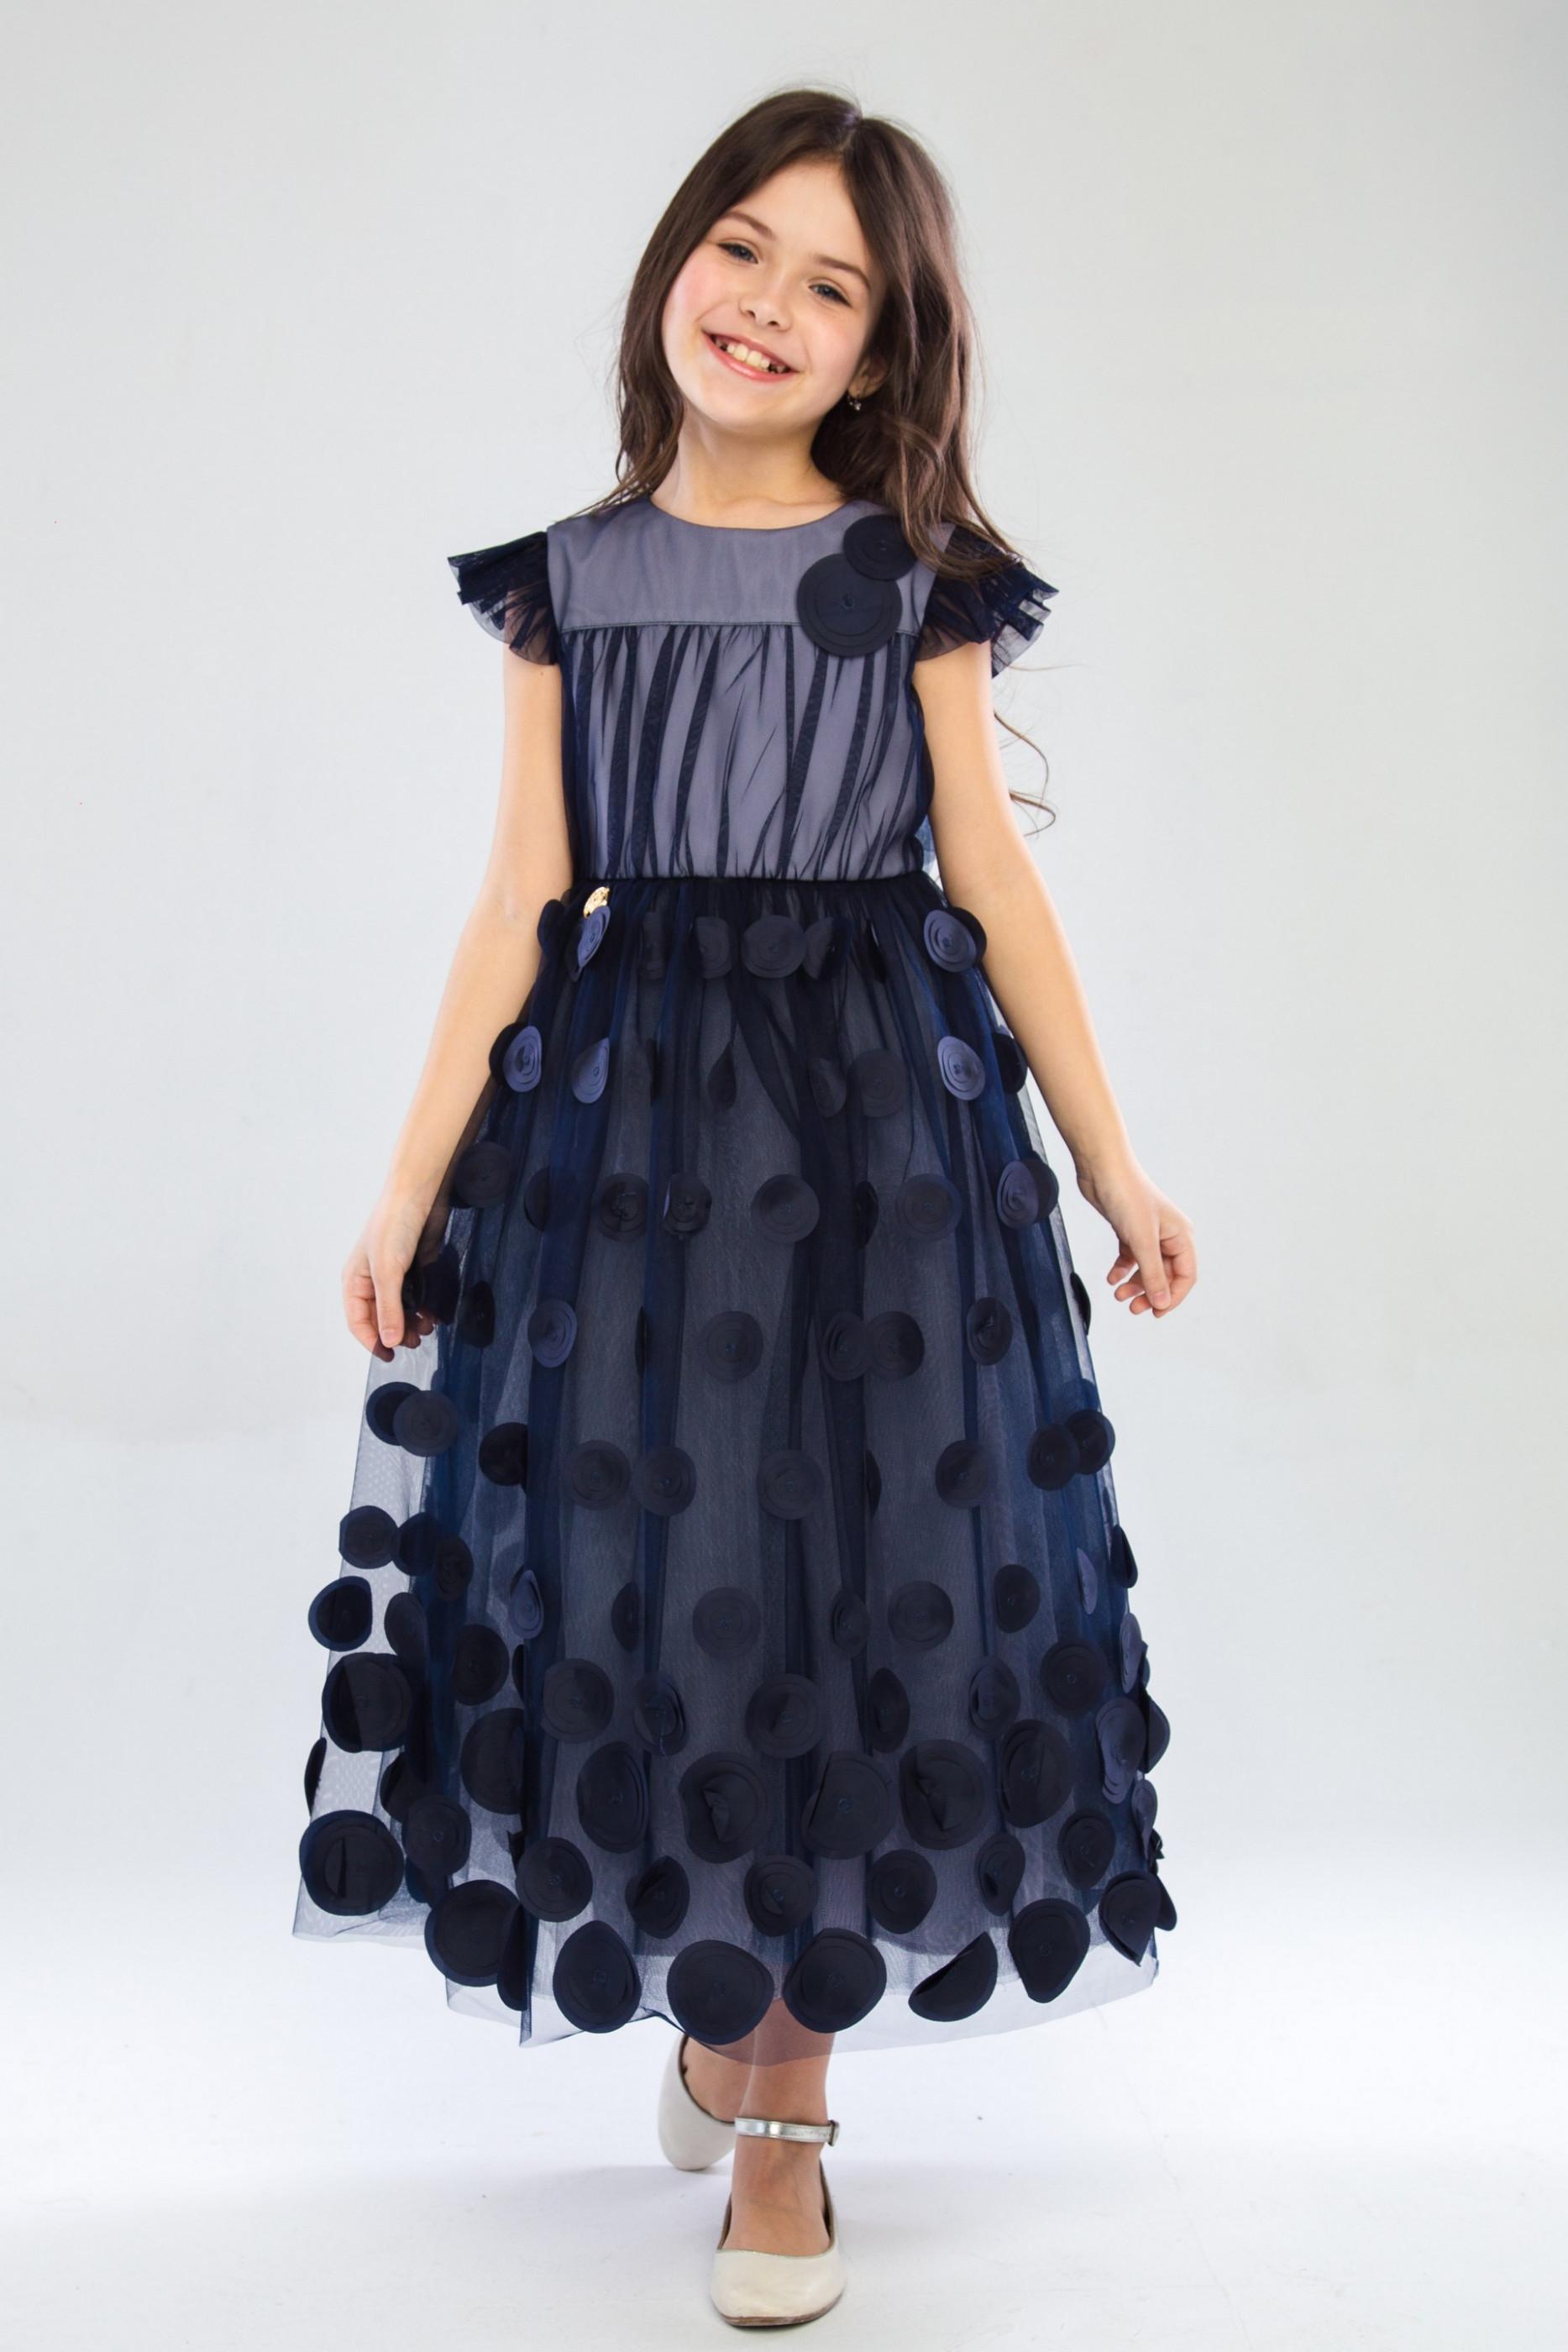 Плаття Розалі, фото №1